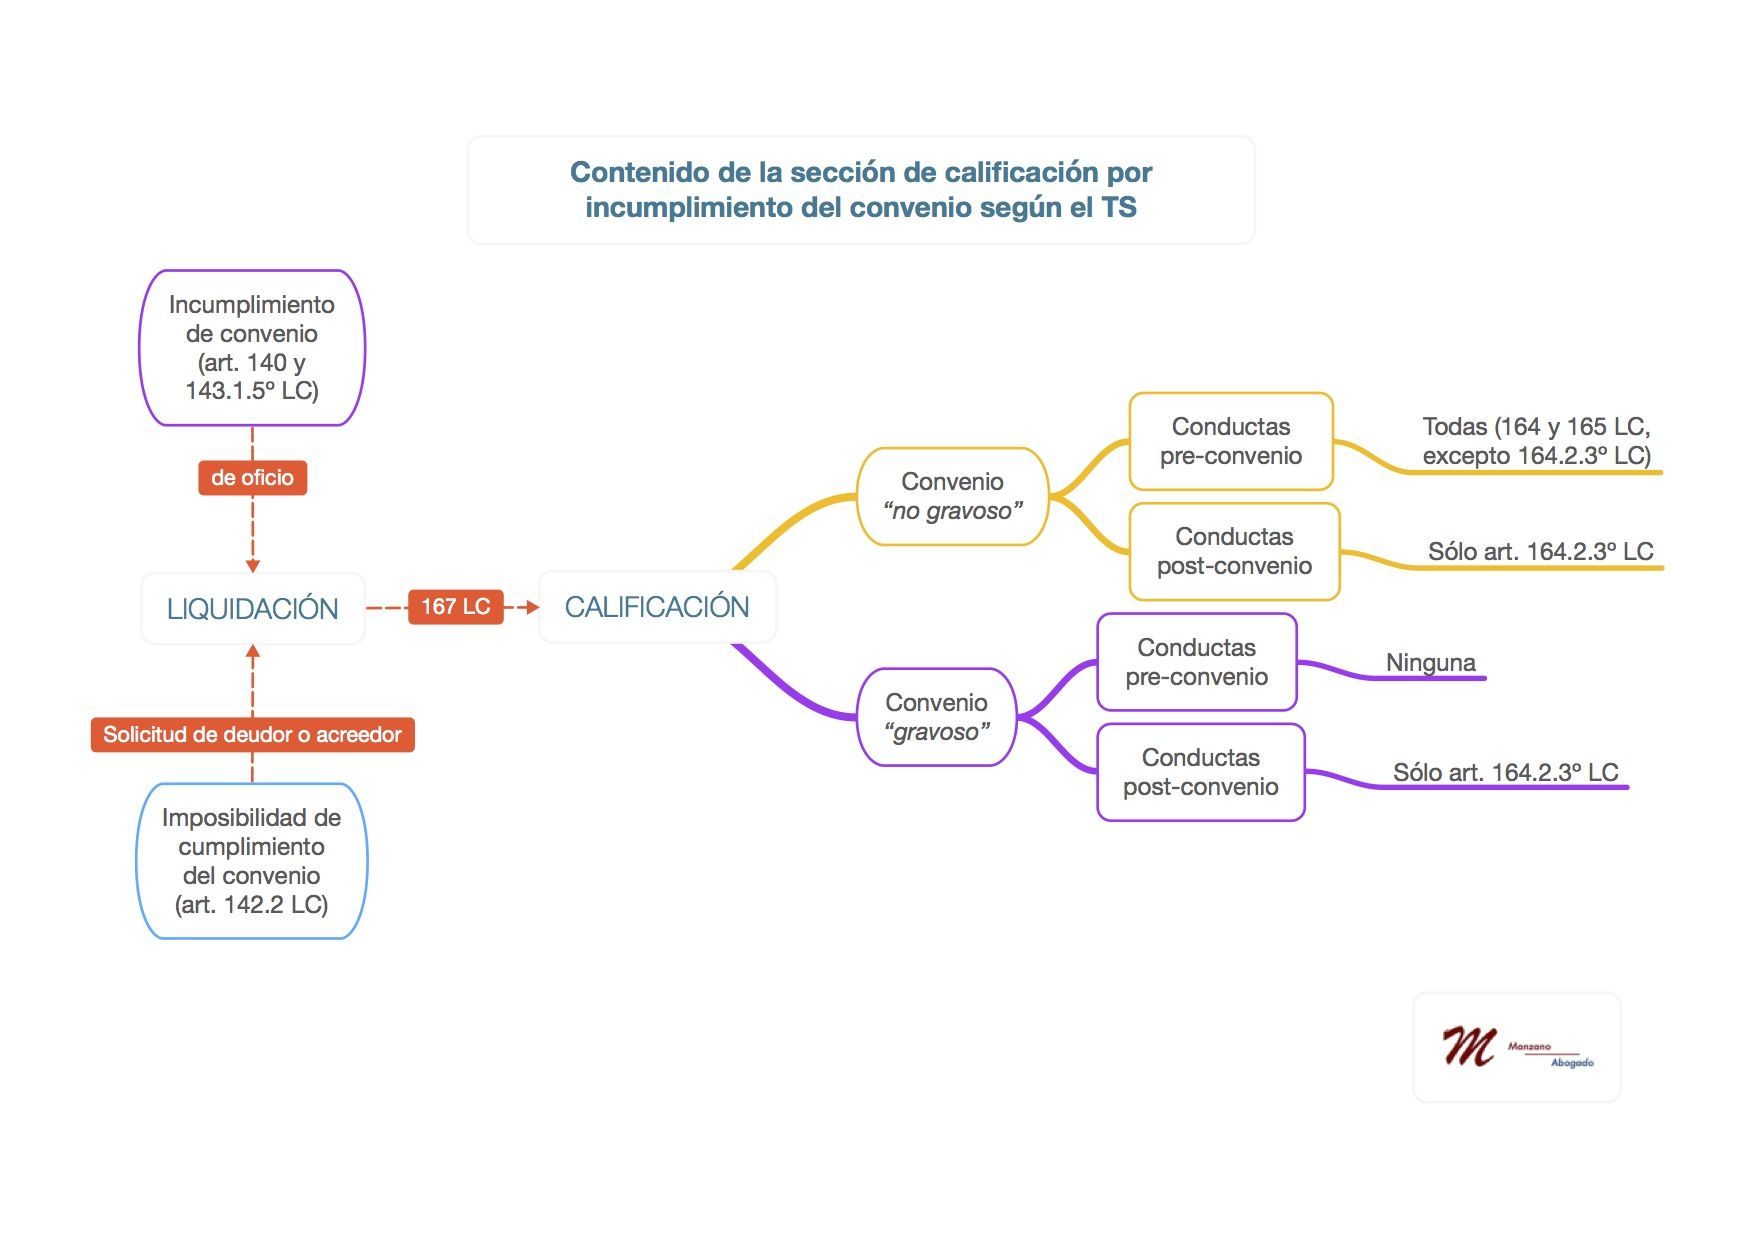 La calificación del concurso tras el incumplimiento (o imposibilidad de cumplimiento) del convenio en la jurisprudencia: contenido limitado de la sección